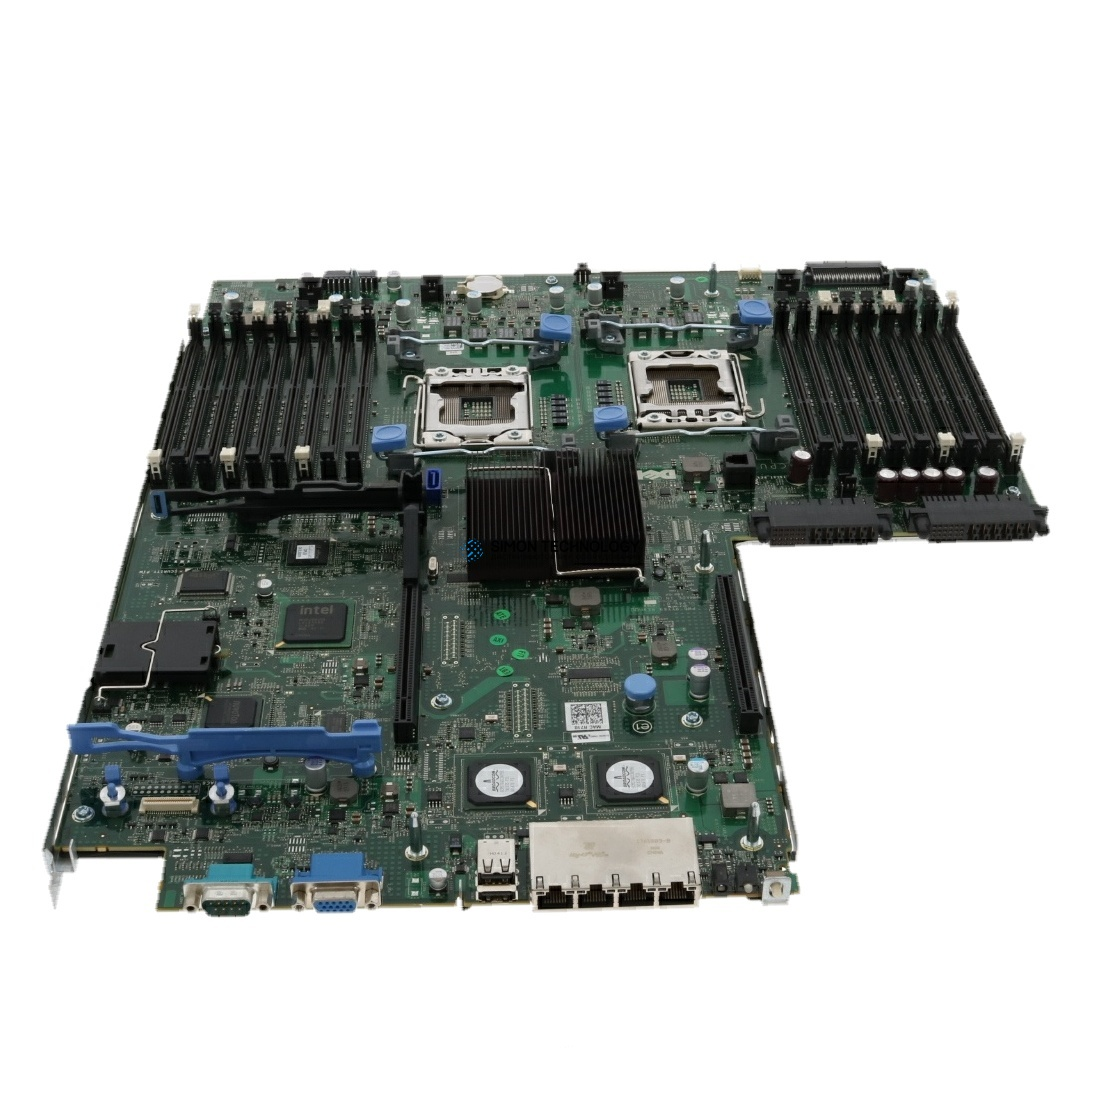 Материнская плата Dell PowerEdge R710 8x2.5 MD99X Ask for custom qoute (PER710-SFF-8-MD99X)